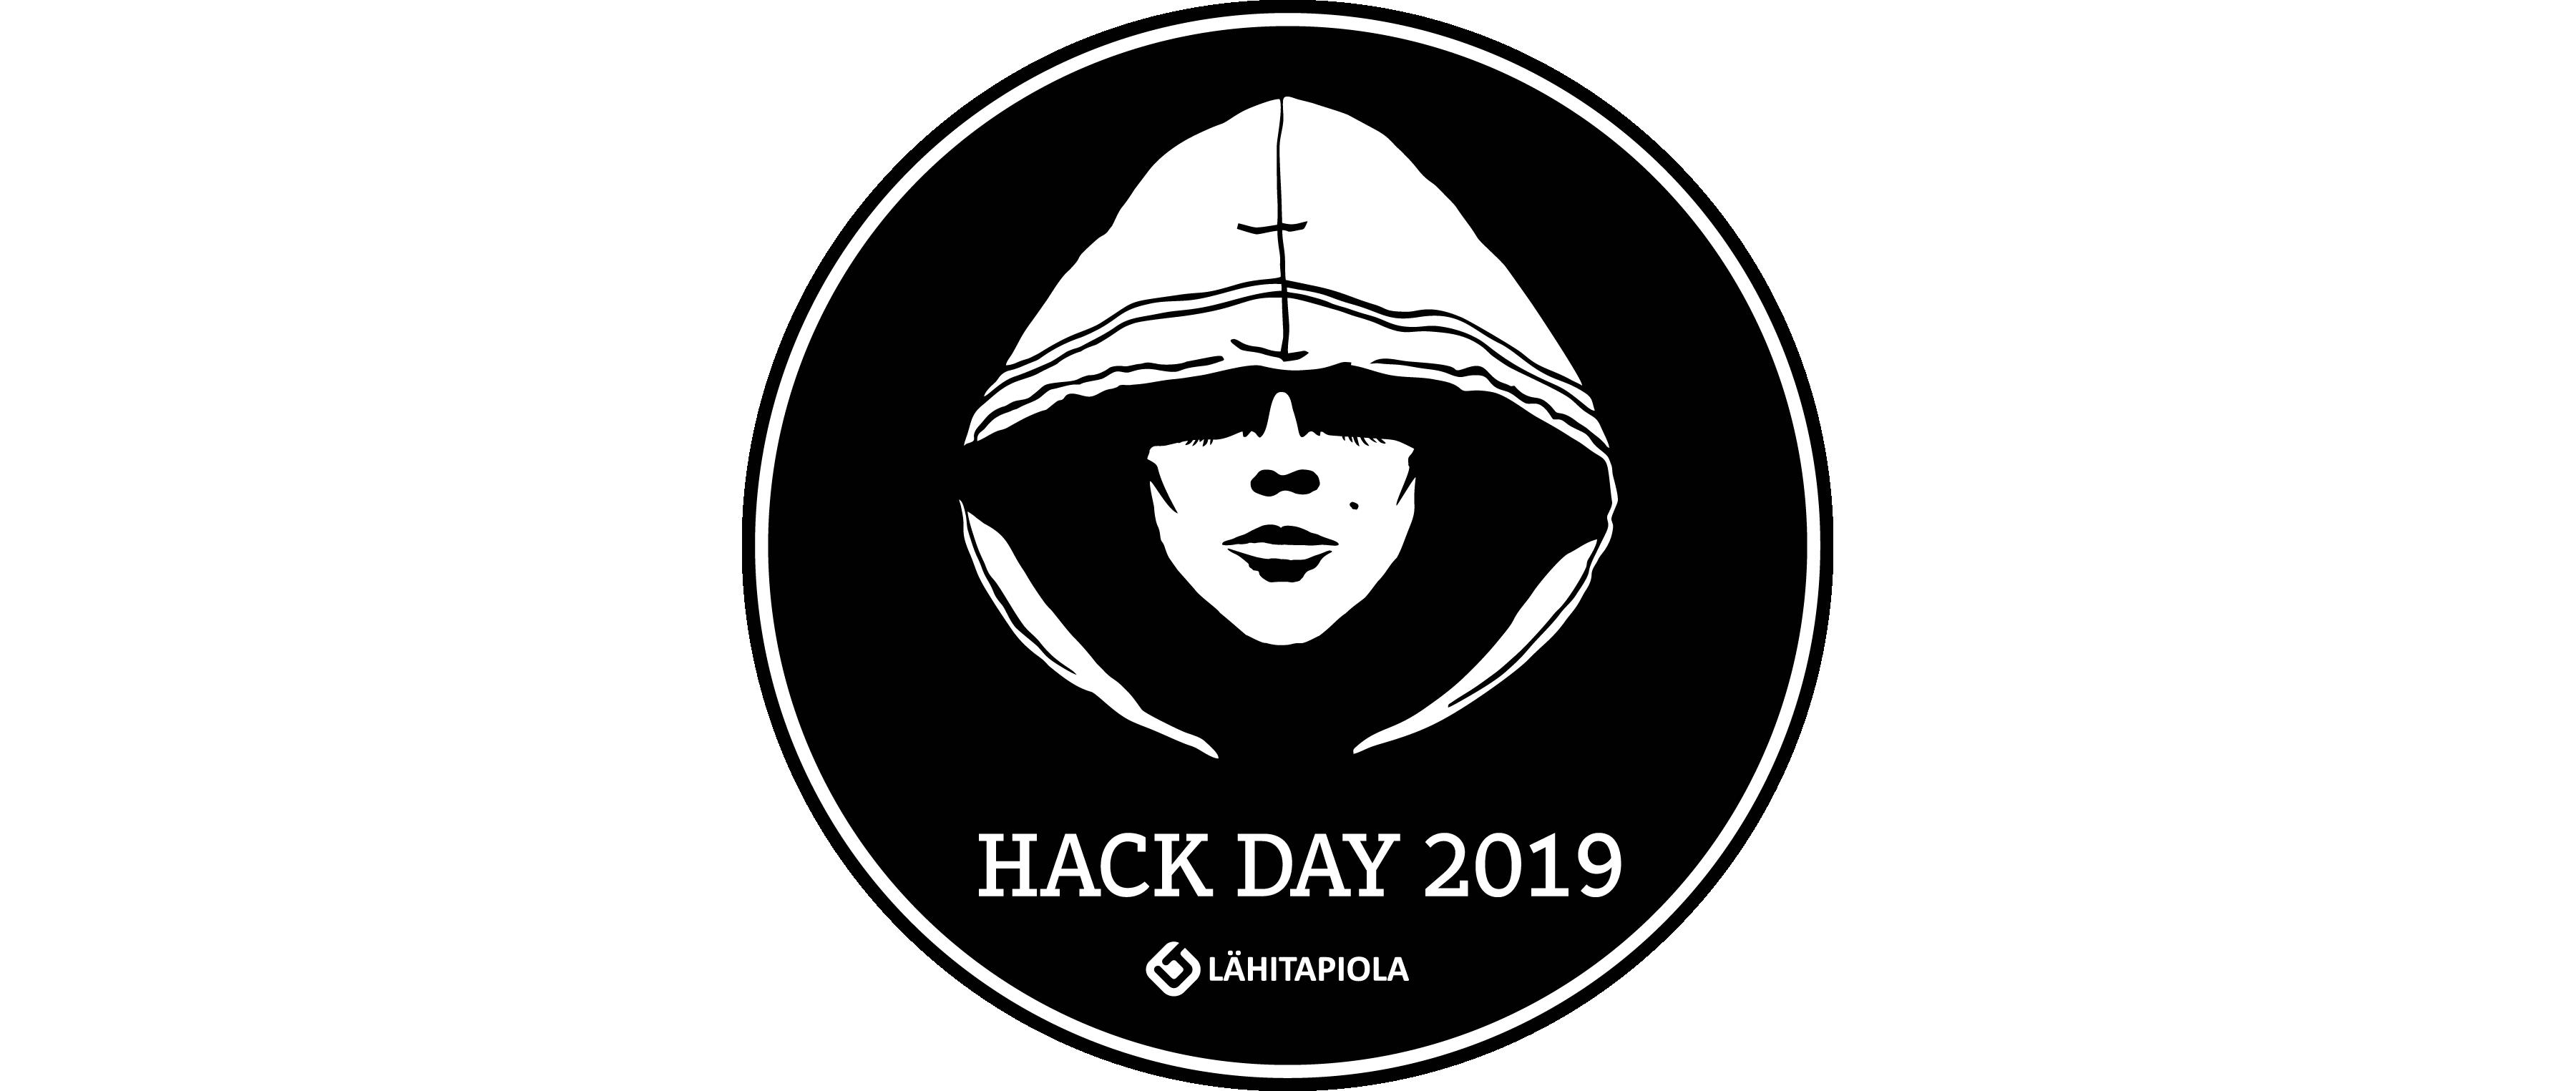 Valkohatut etsivät haavoittuvuuksia LähiTapiolan Hack Dayssa